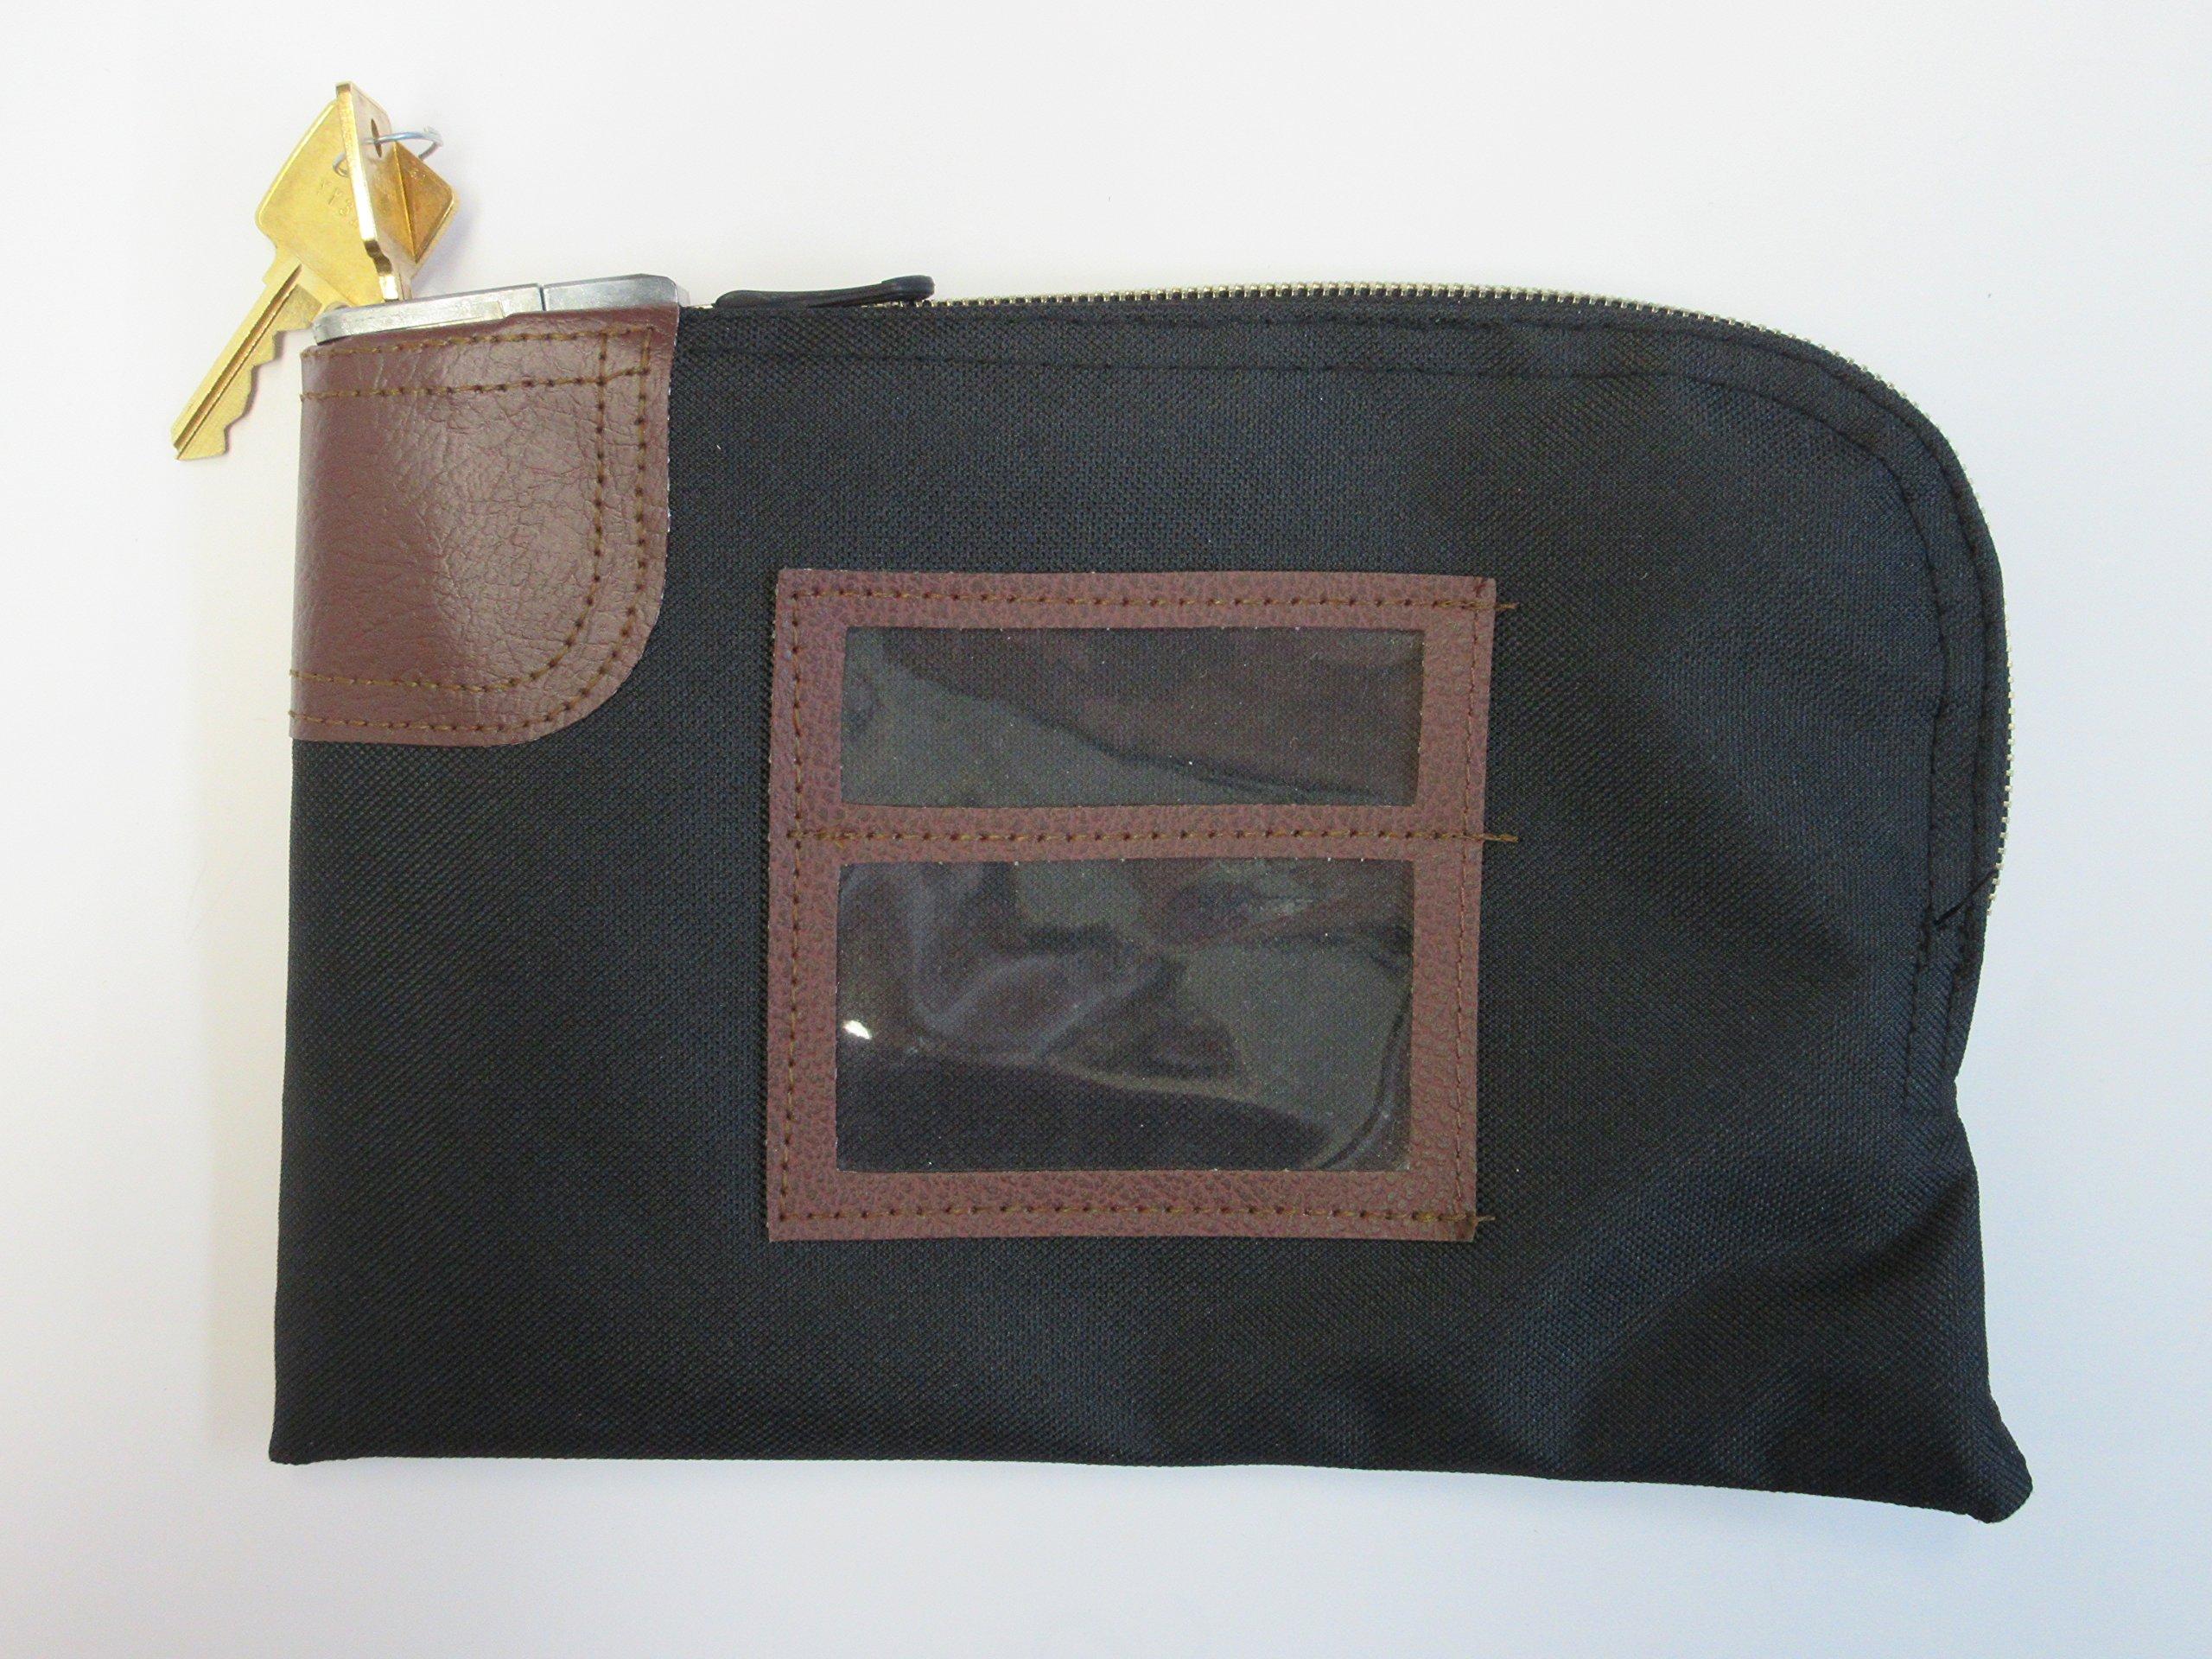 Rifkin Safety Sac 7 x 10 (Black)